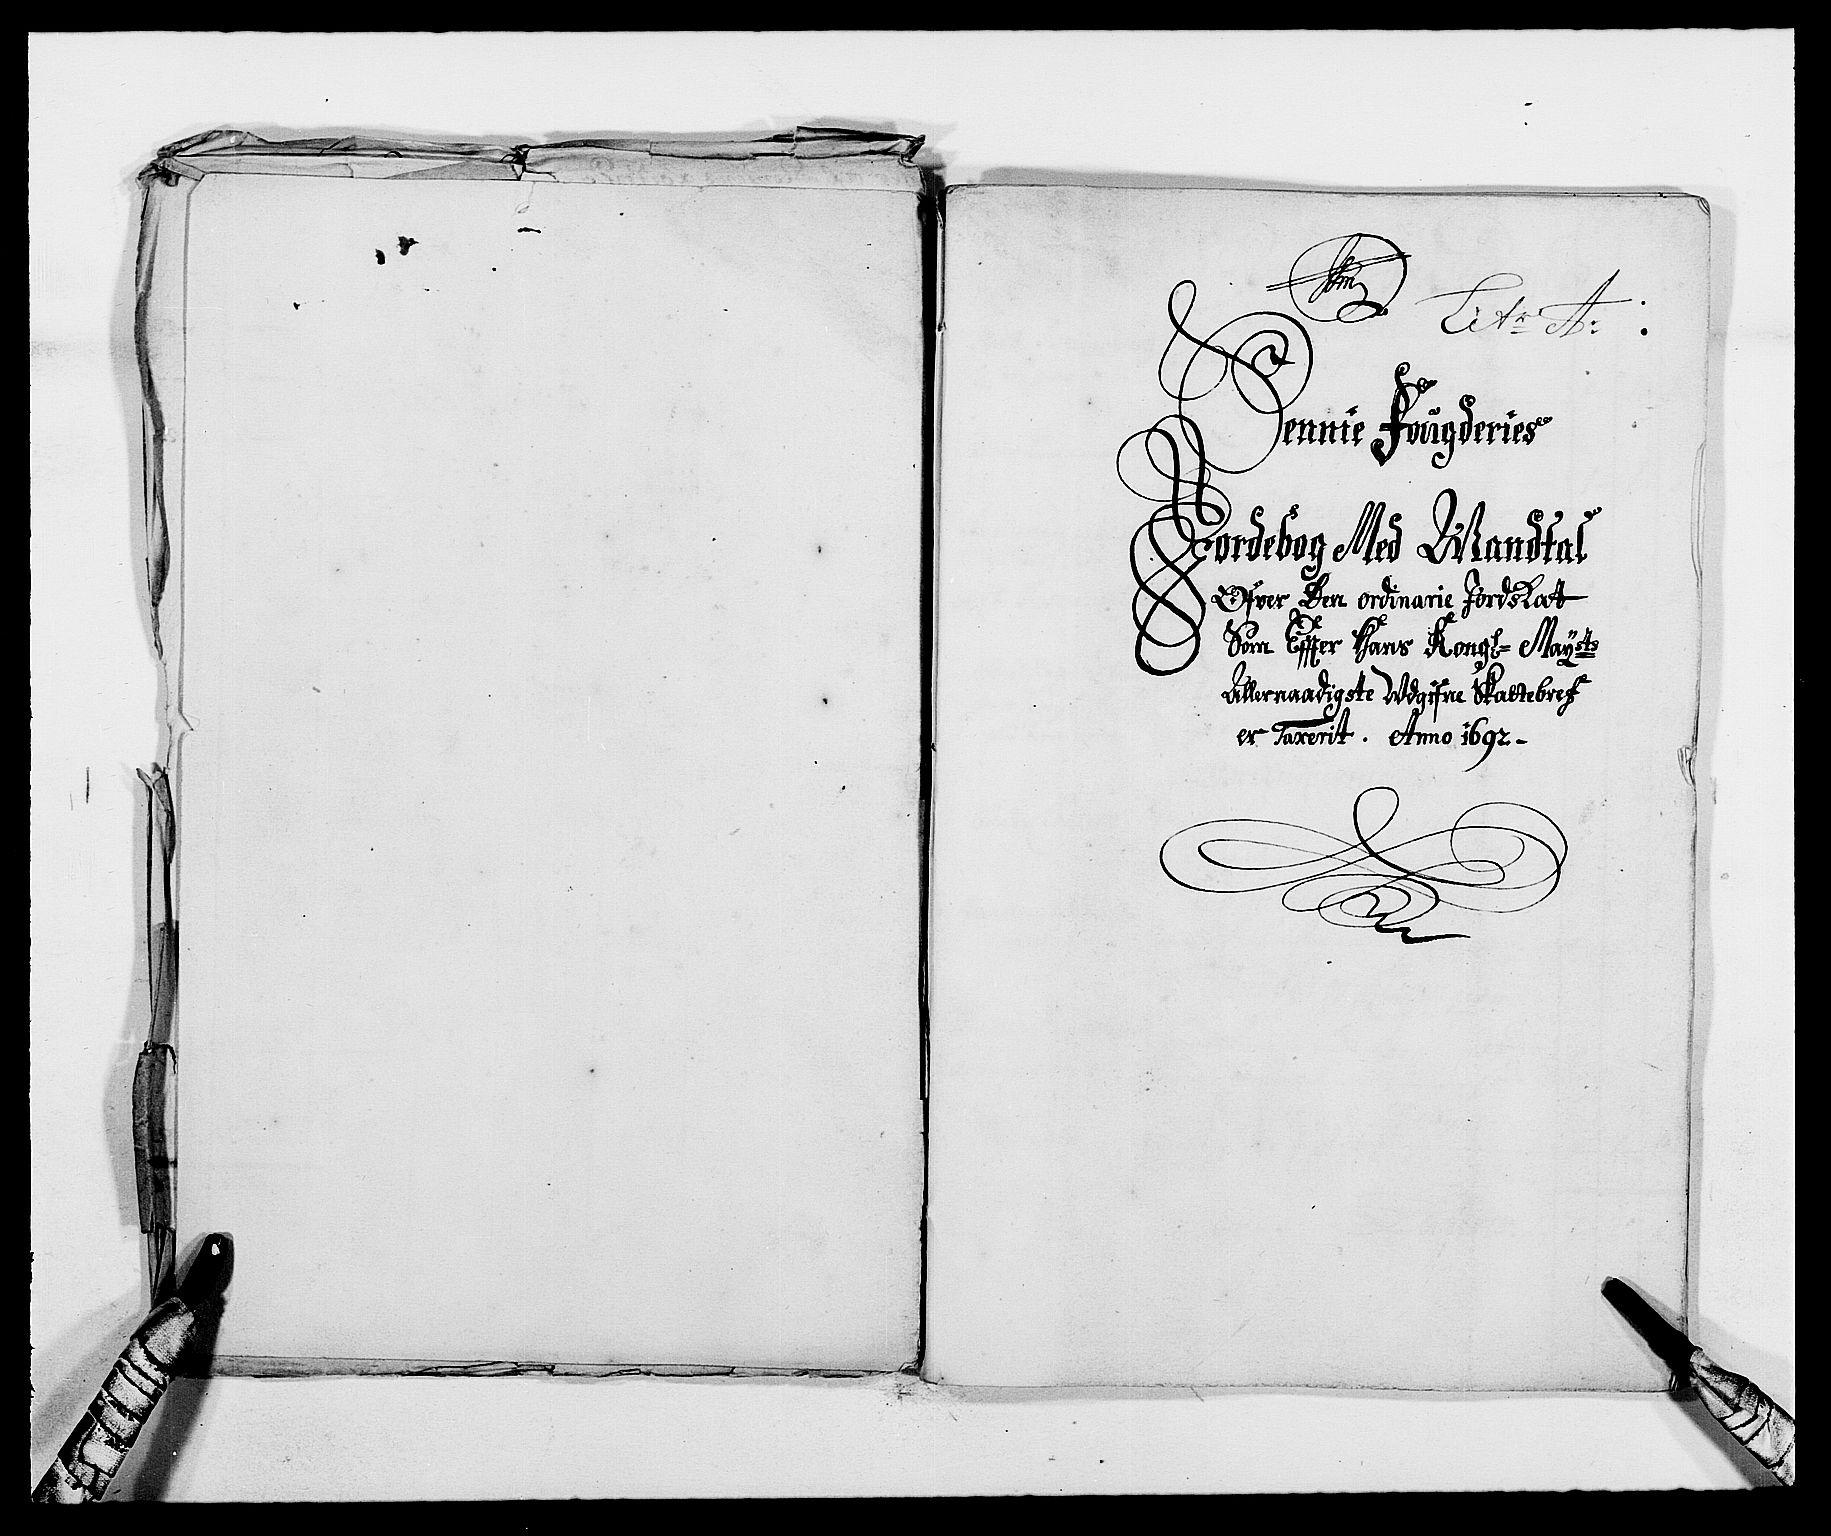 RA, Rentekammeret inntil 1814, Reviderte regnskaper, Fogderegnskap, R68/L4752: Fogderegnskap Senja og Troms, 1691-1693, s. 162